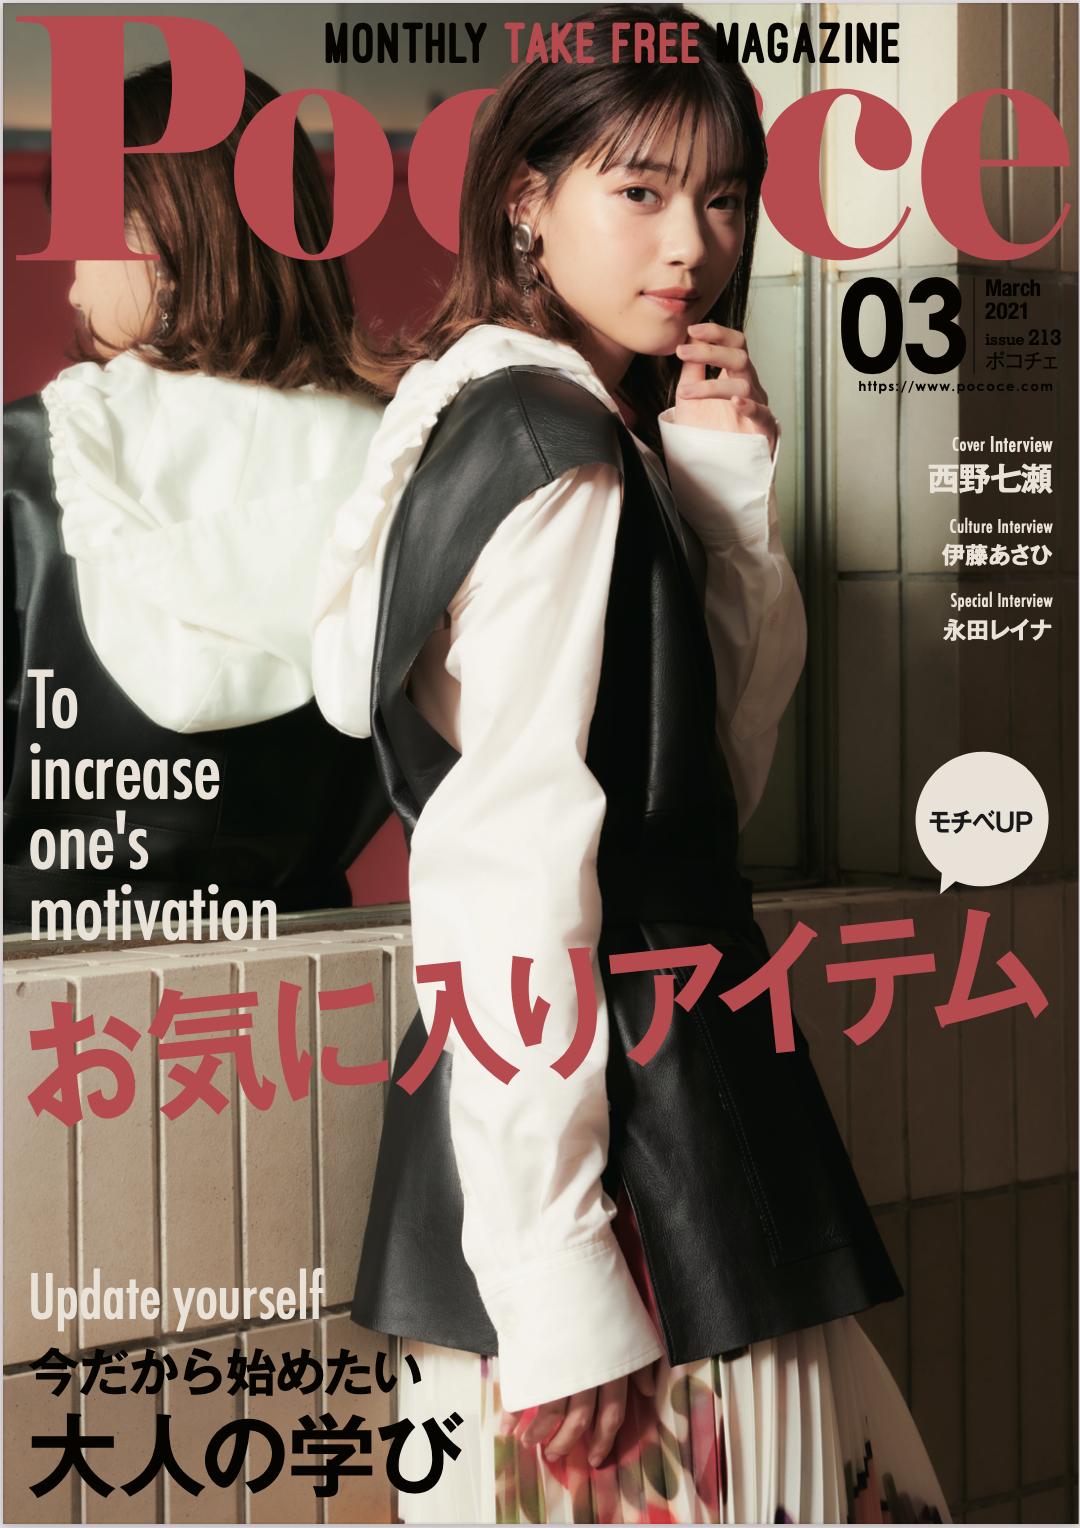 西野七瀬さん表紙 『Poco'ce(ポコチェ)』3月号に掲載